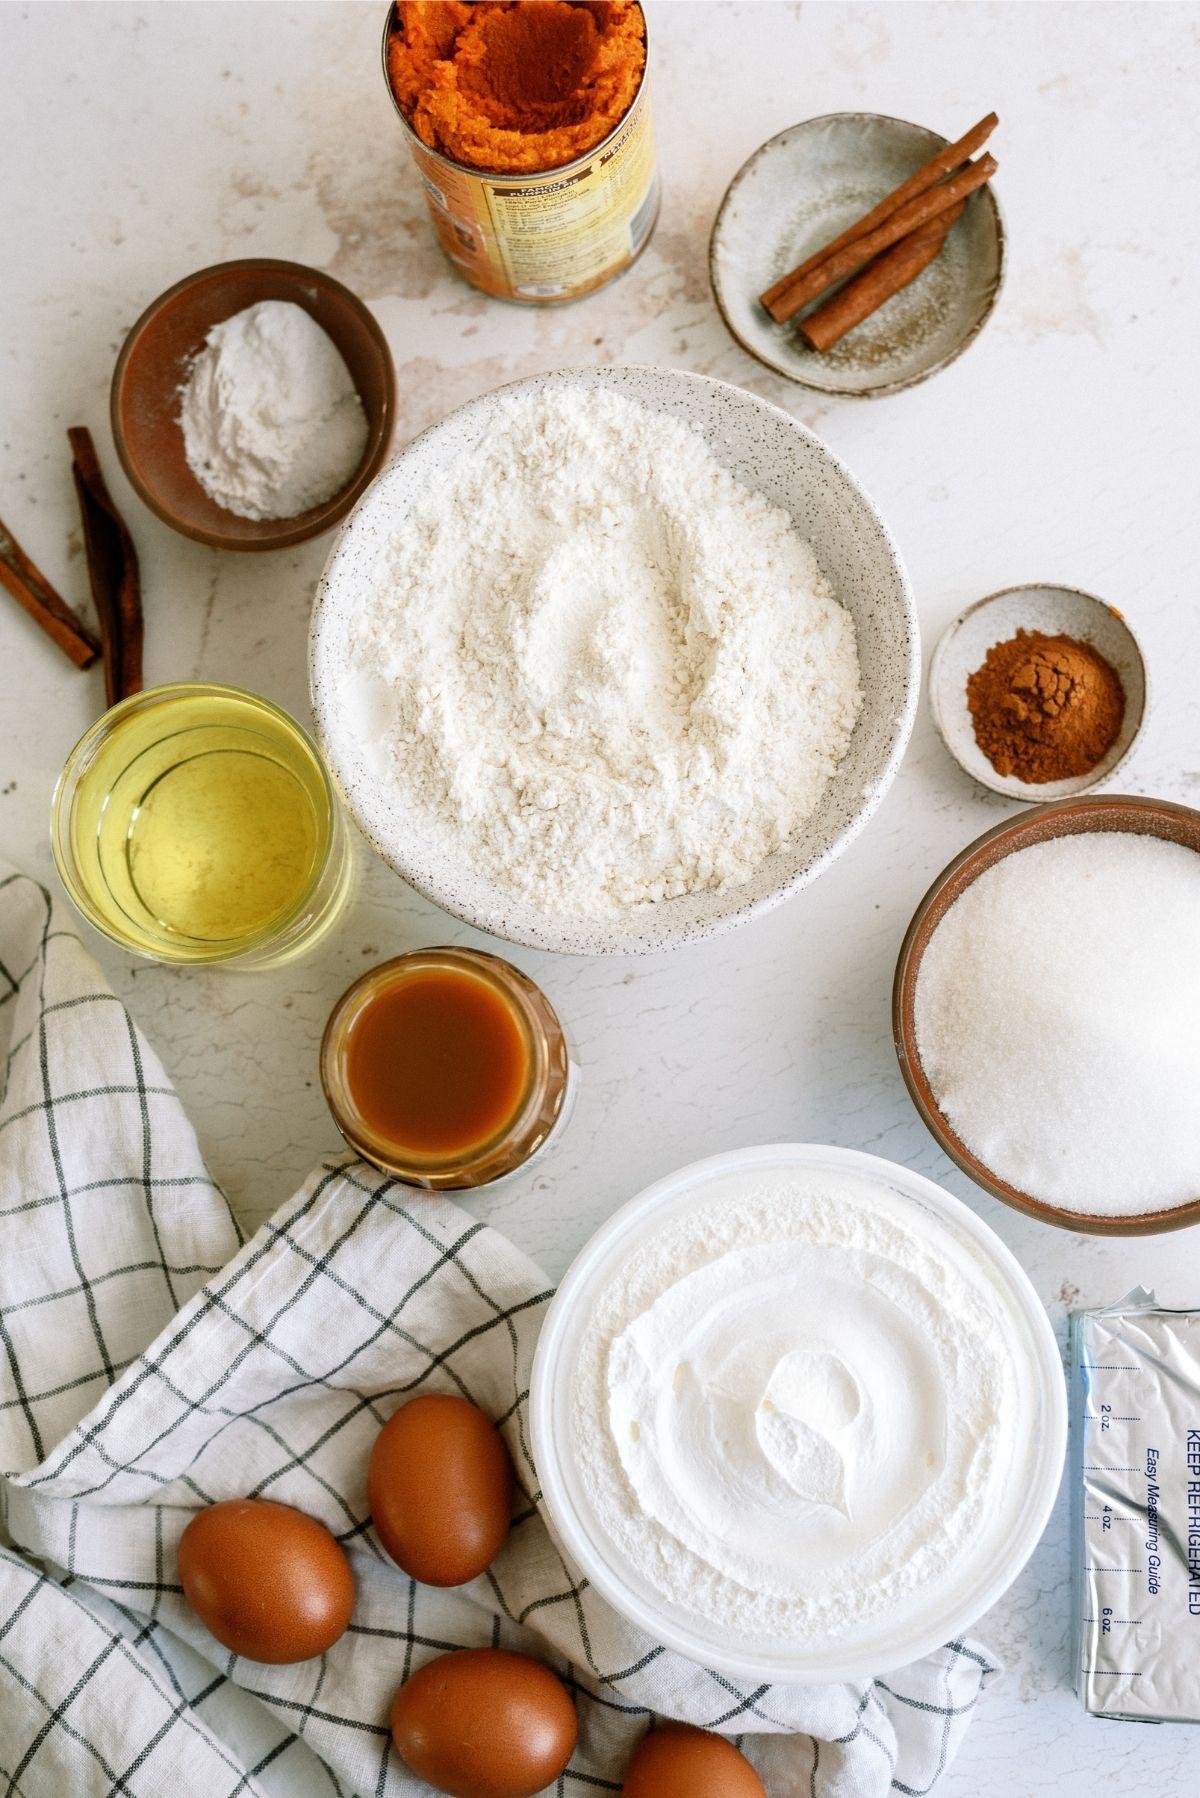 Ingredients for Caramel Pumpkin Poke Cake